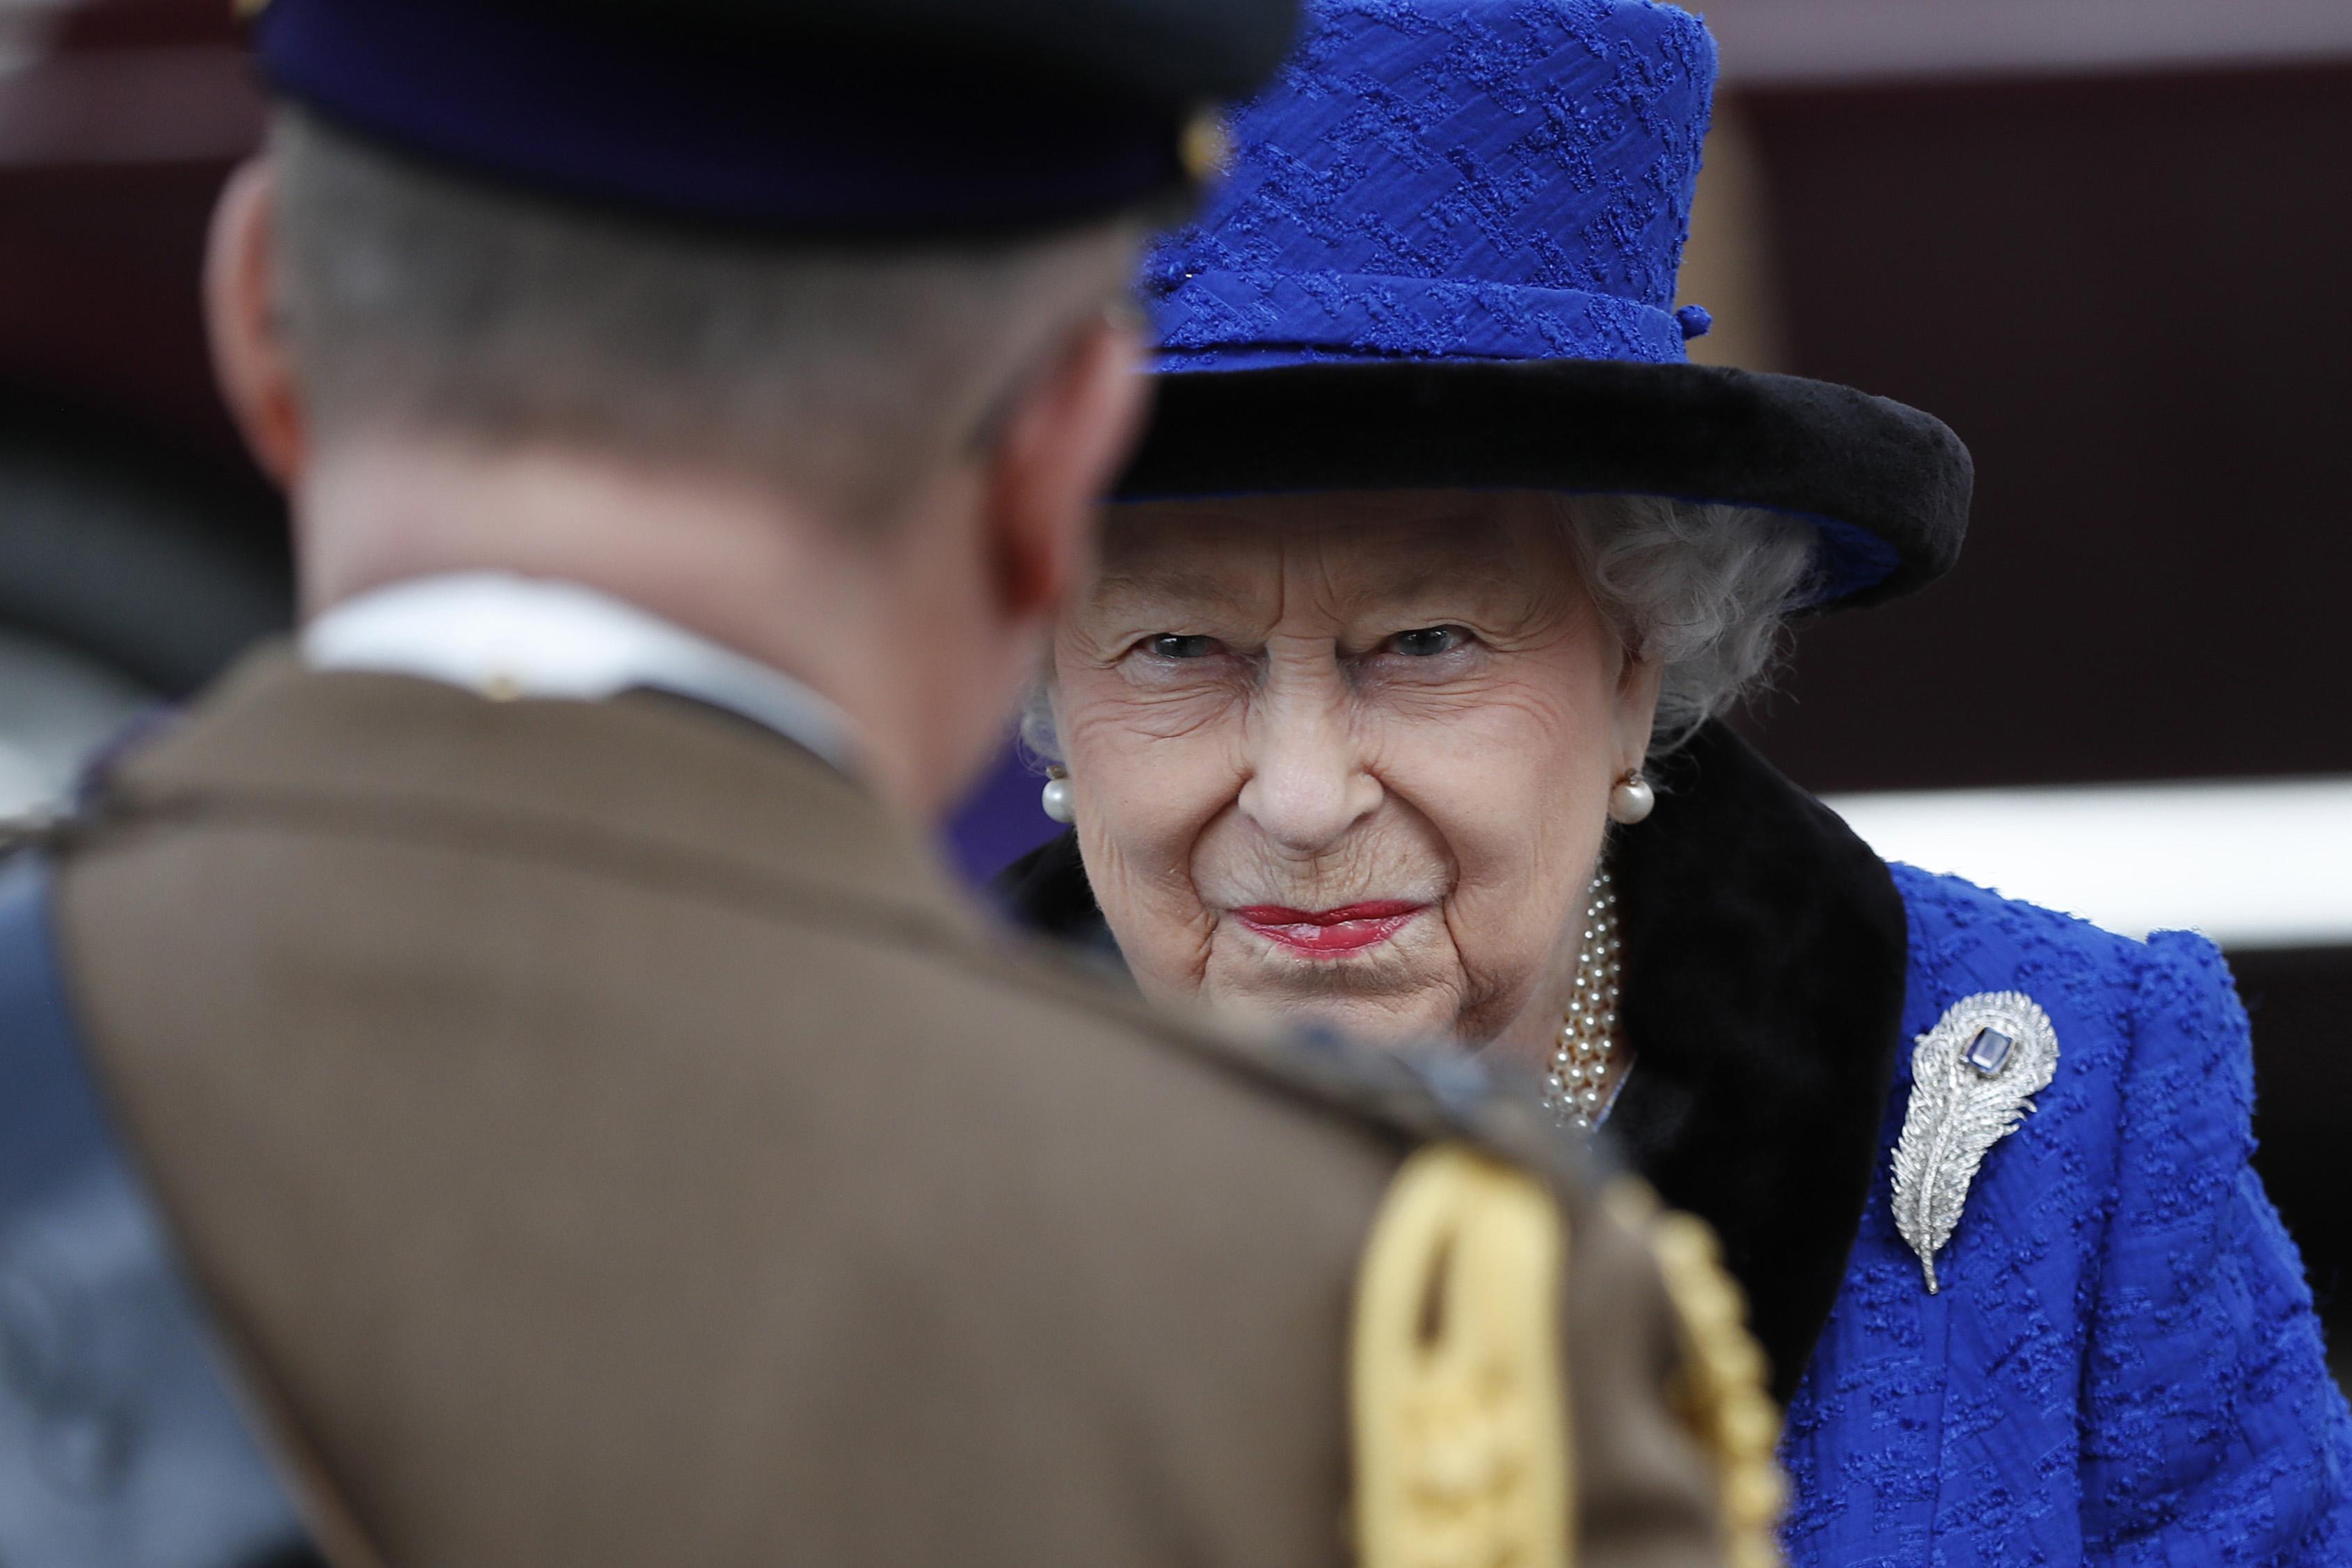 Кралица Елизабет II.Тя е първият монарх, който изпраща децата си в интернати, за да ги спаси от вечно дебнещите медии. Има силно развито чувство за дълг и прилежност и ръководи умело и ефективно кралските дела.